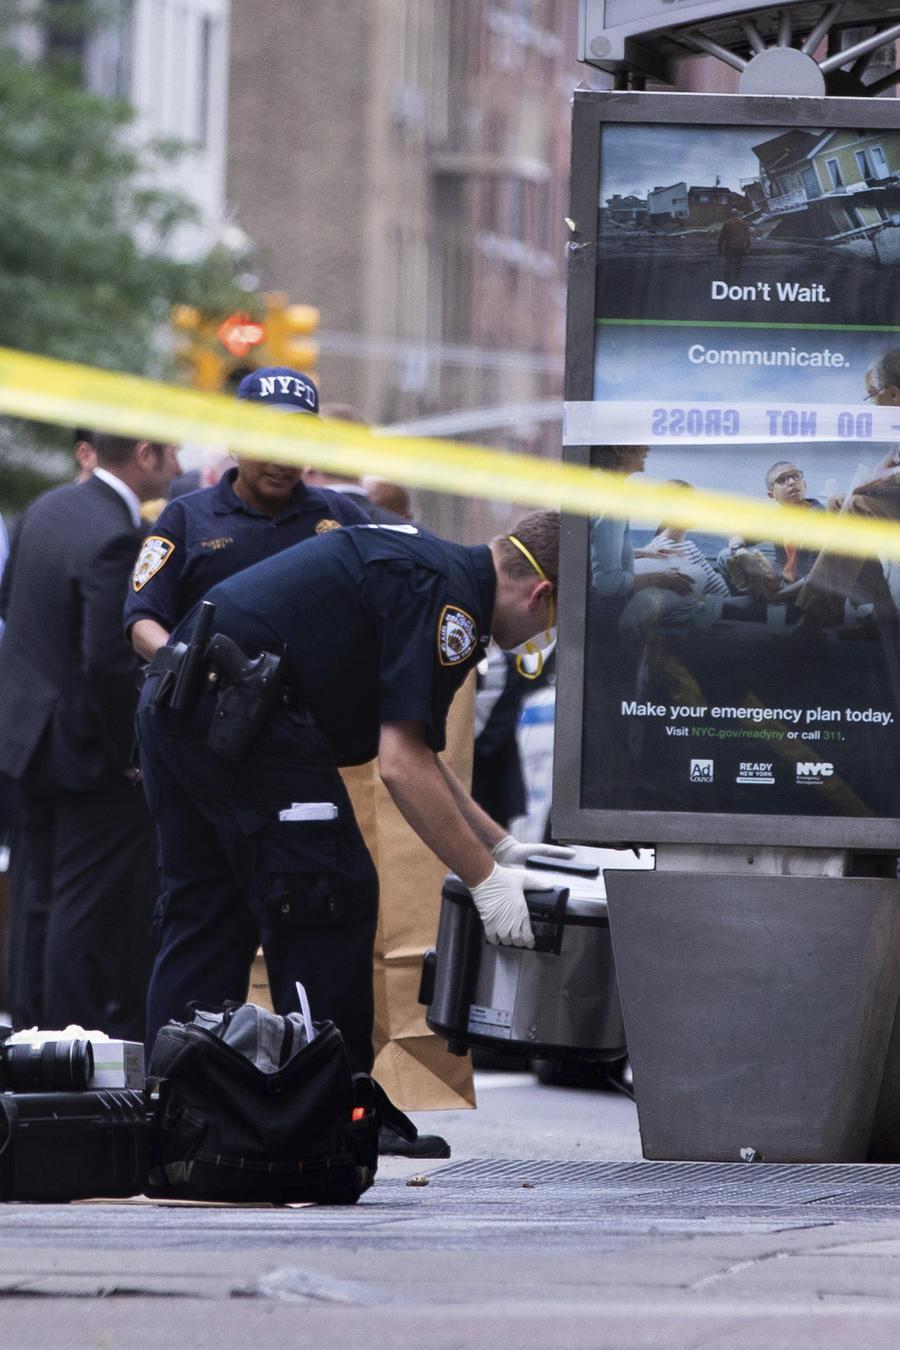 Un investigador de la policía recoge un paquete sospechoso este viernes afuera del metro de la Ciudad de Nueva York